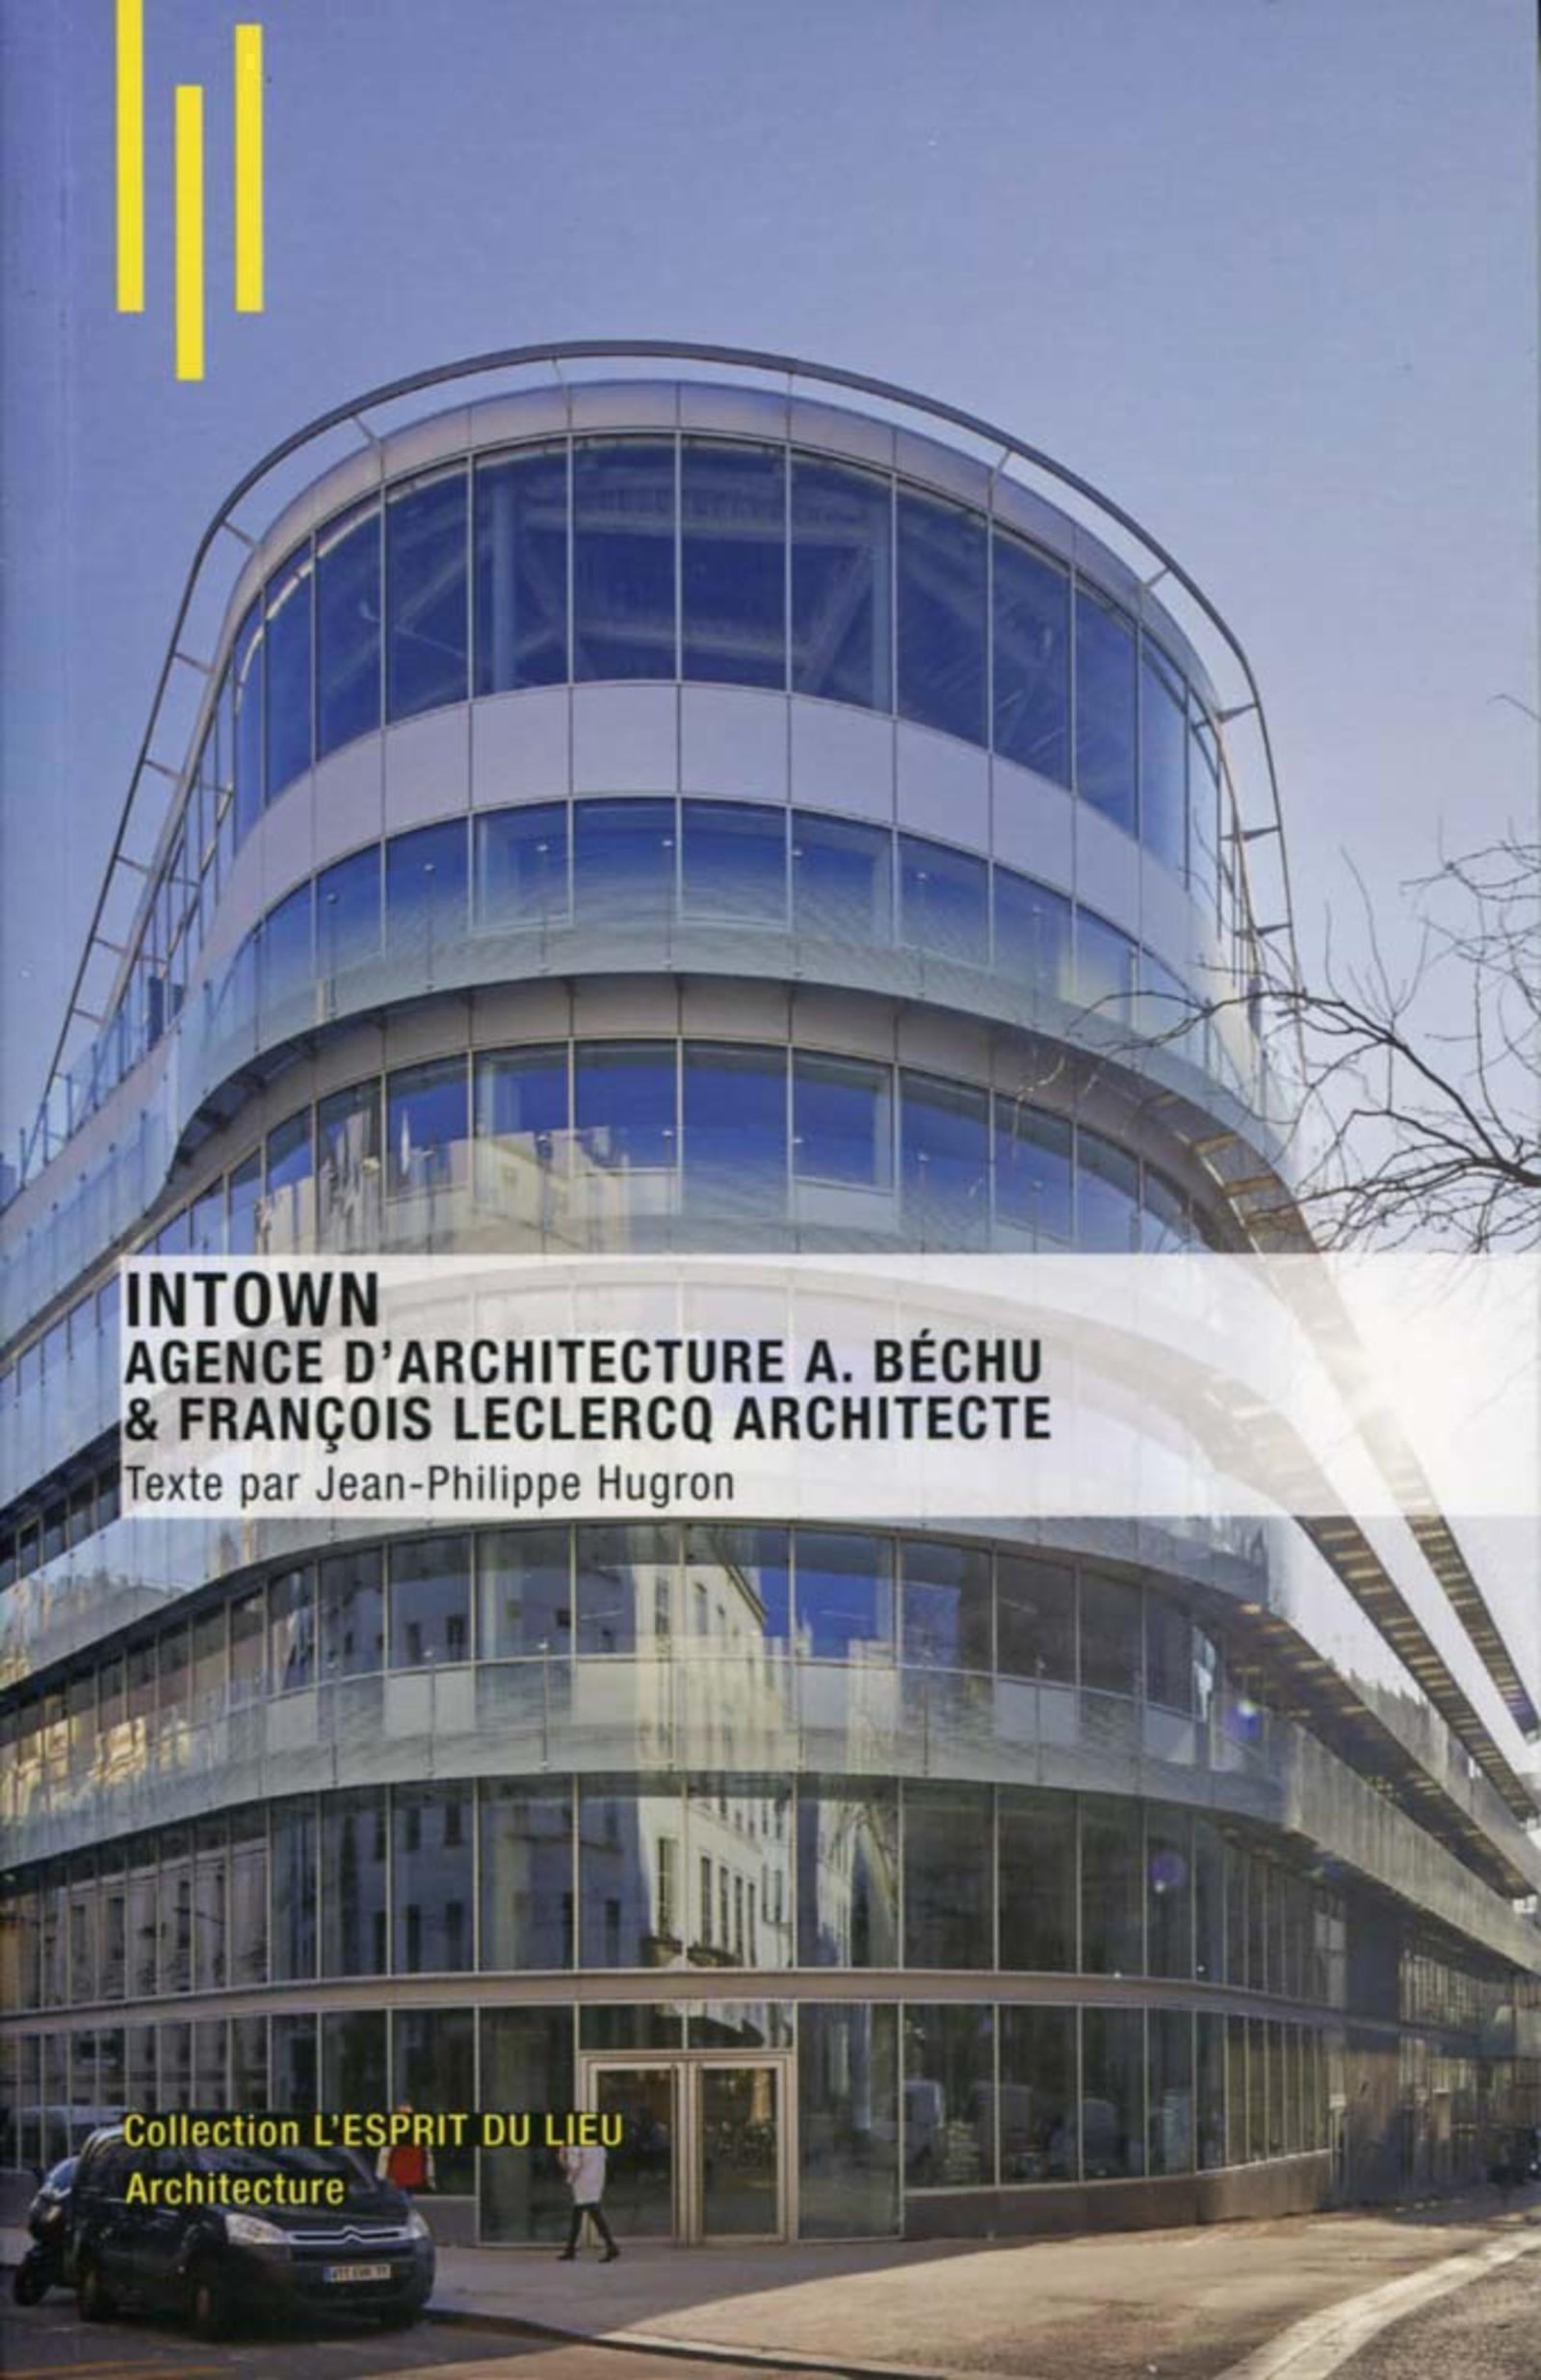 INTOWN - AGENCE D ARCHITECTURE A BECHU ET FRANCOIS LECLERCQ ARCHITECTE